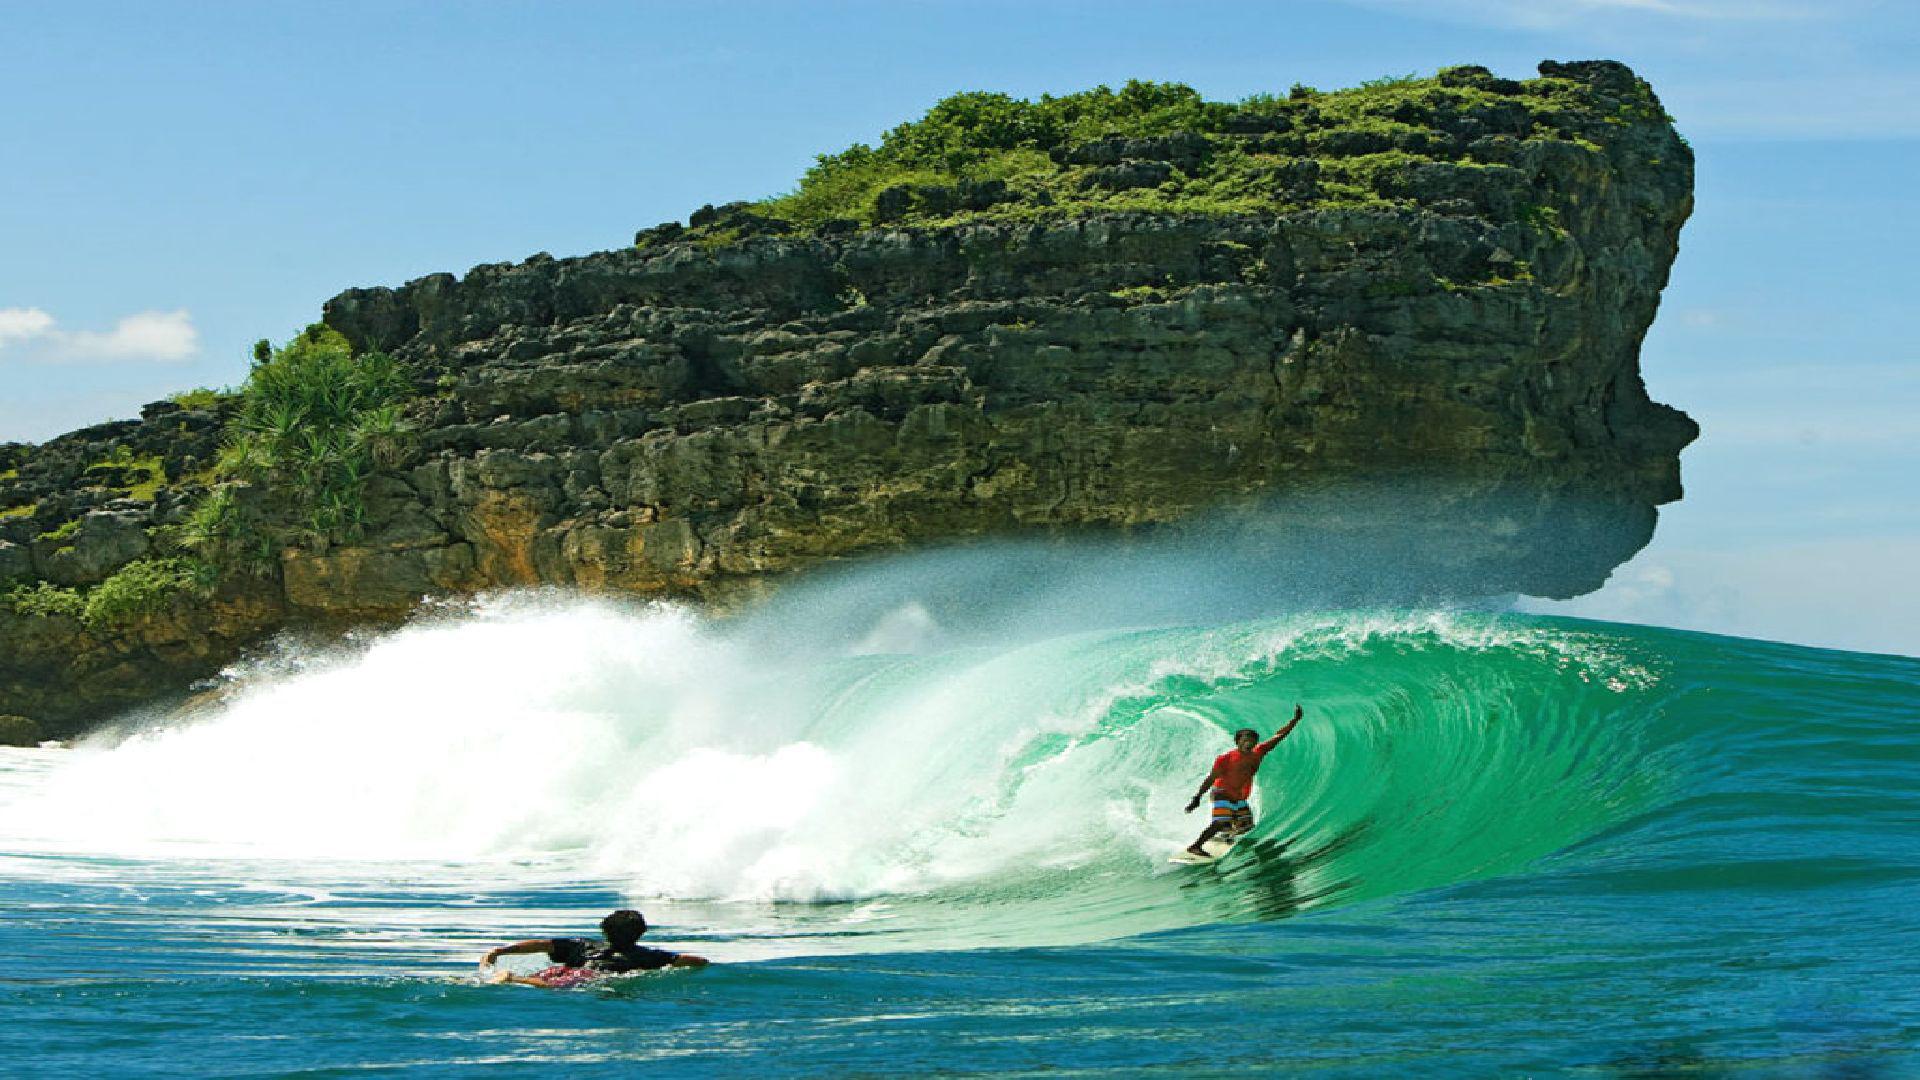 Surfer Girl Bali Wallpaper Free Hd Surfing Backgrounds Pixelstalk Net